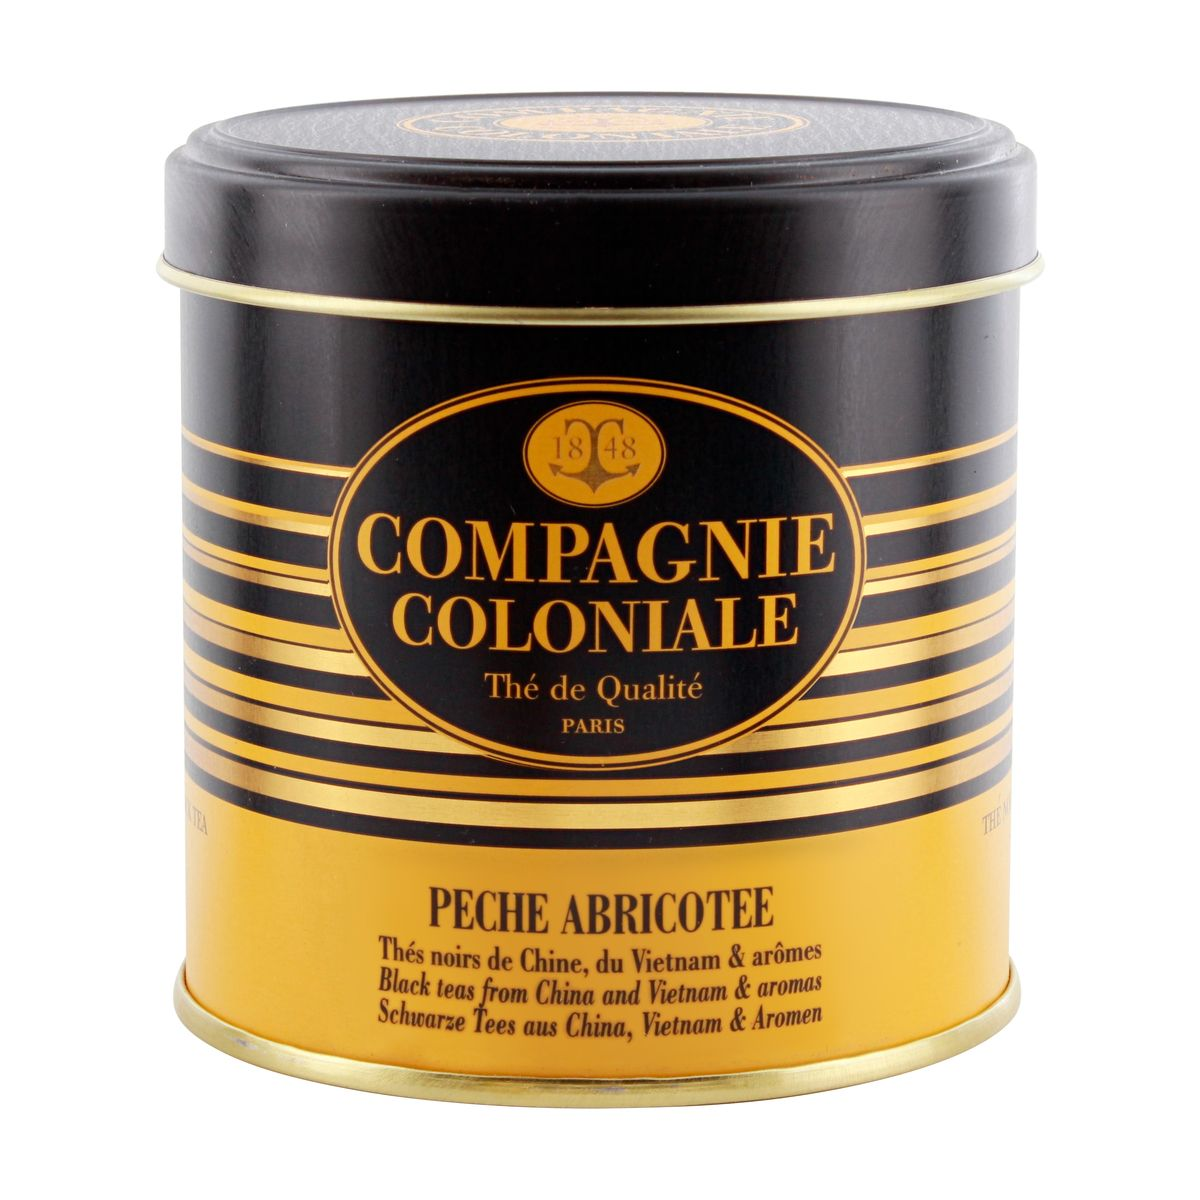 Thé noir aromatisé boîte métal pêche abricotée - Compagnie Coloniale